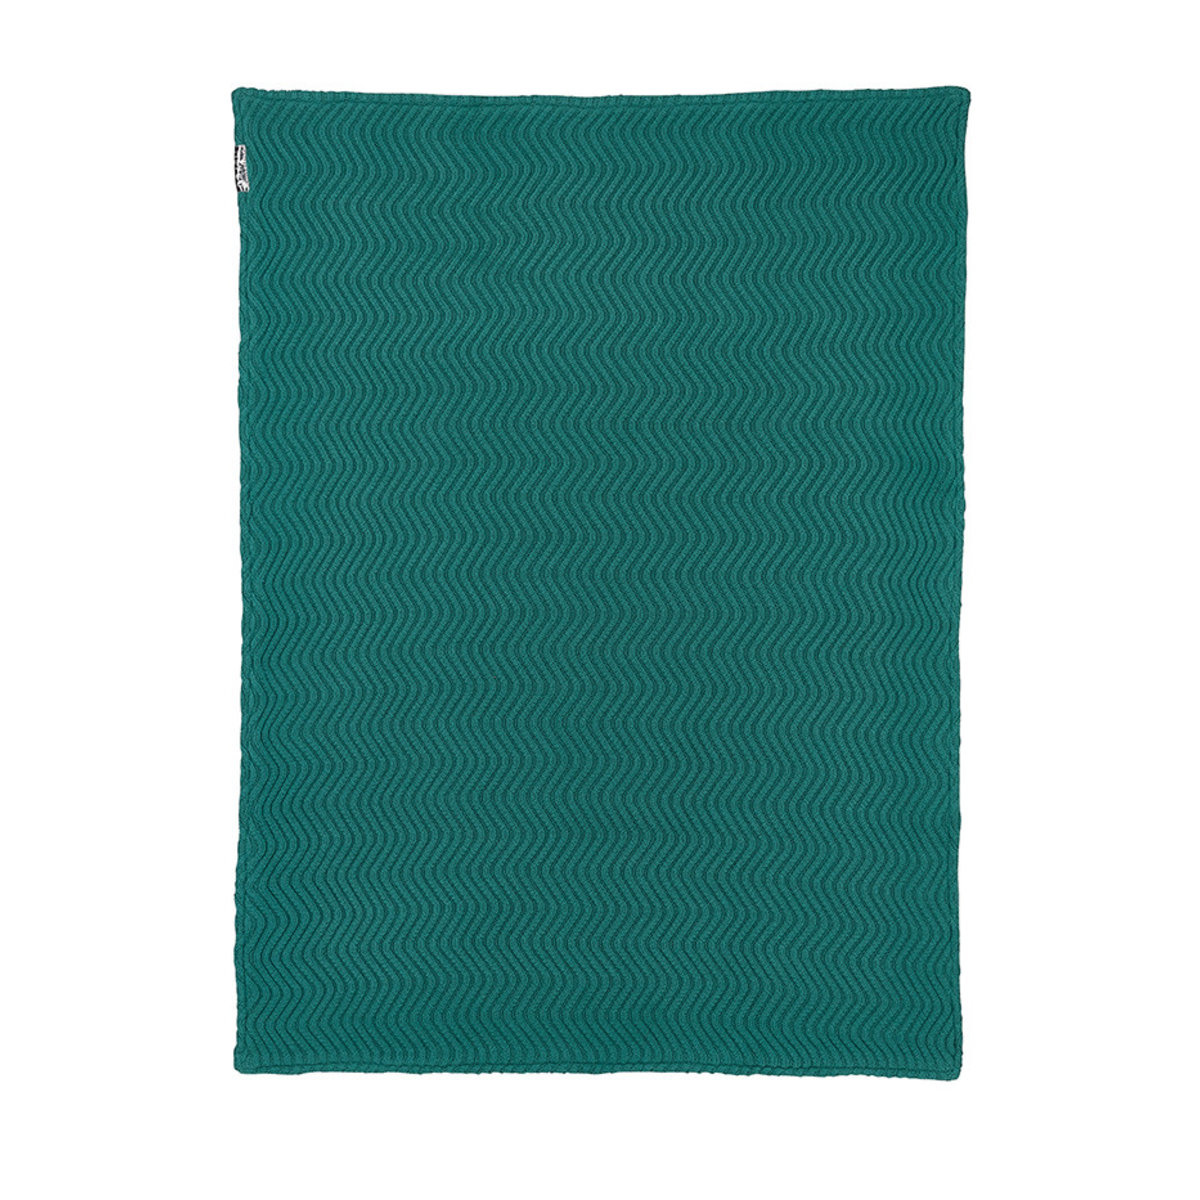 Meyco Ledikantdeken Velvet The Waves 100x150 cm Emerald Green